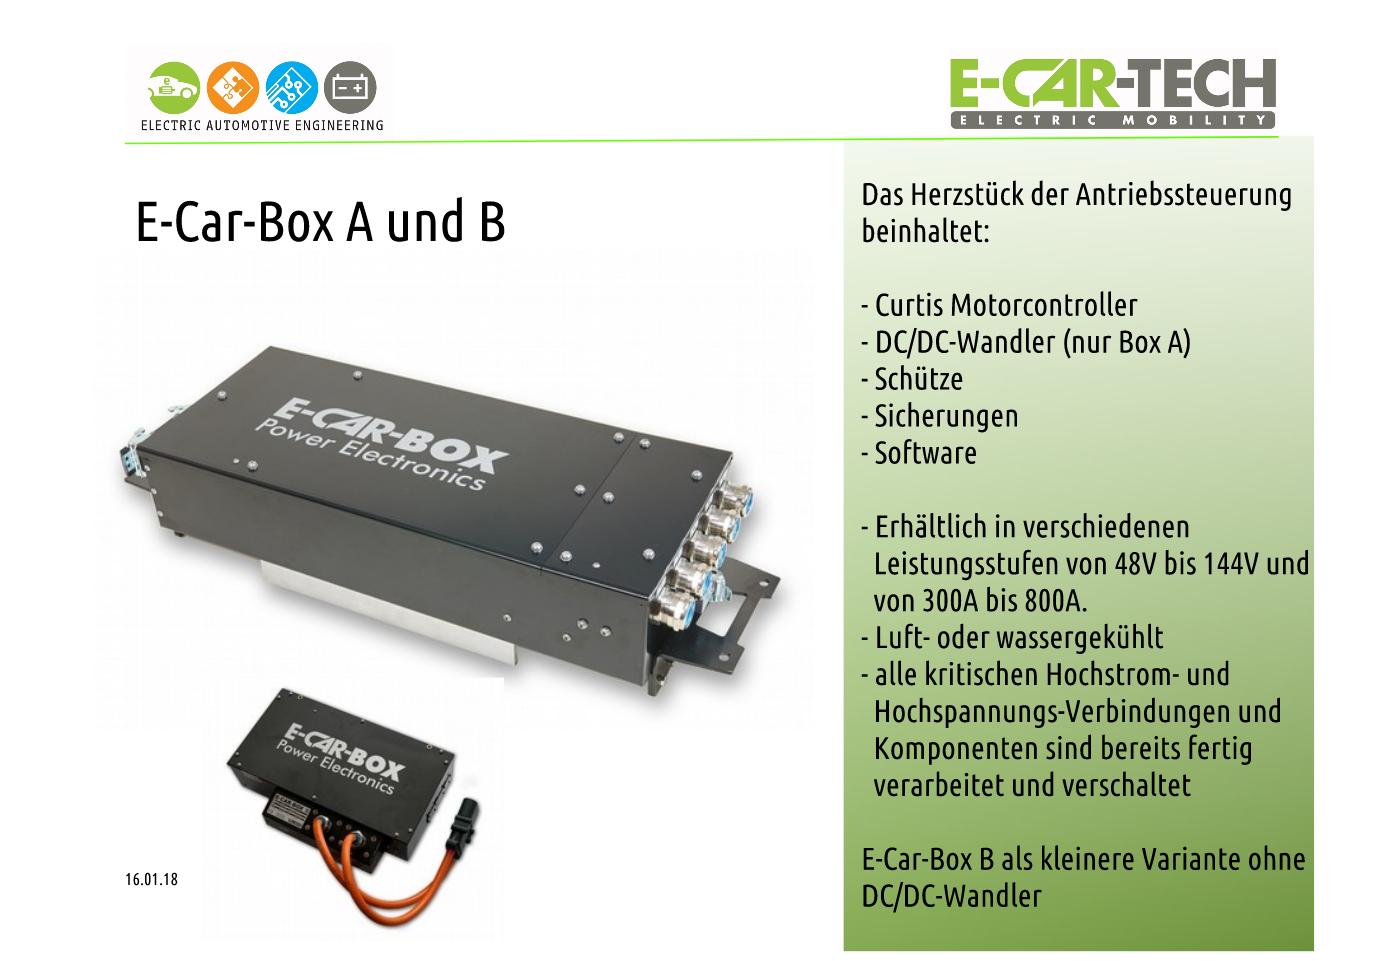 e-car-box-png.6537